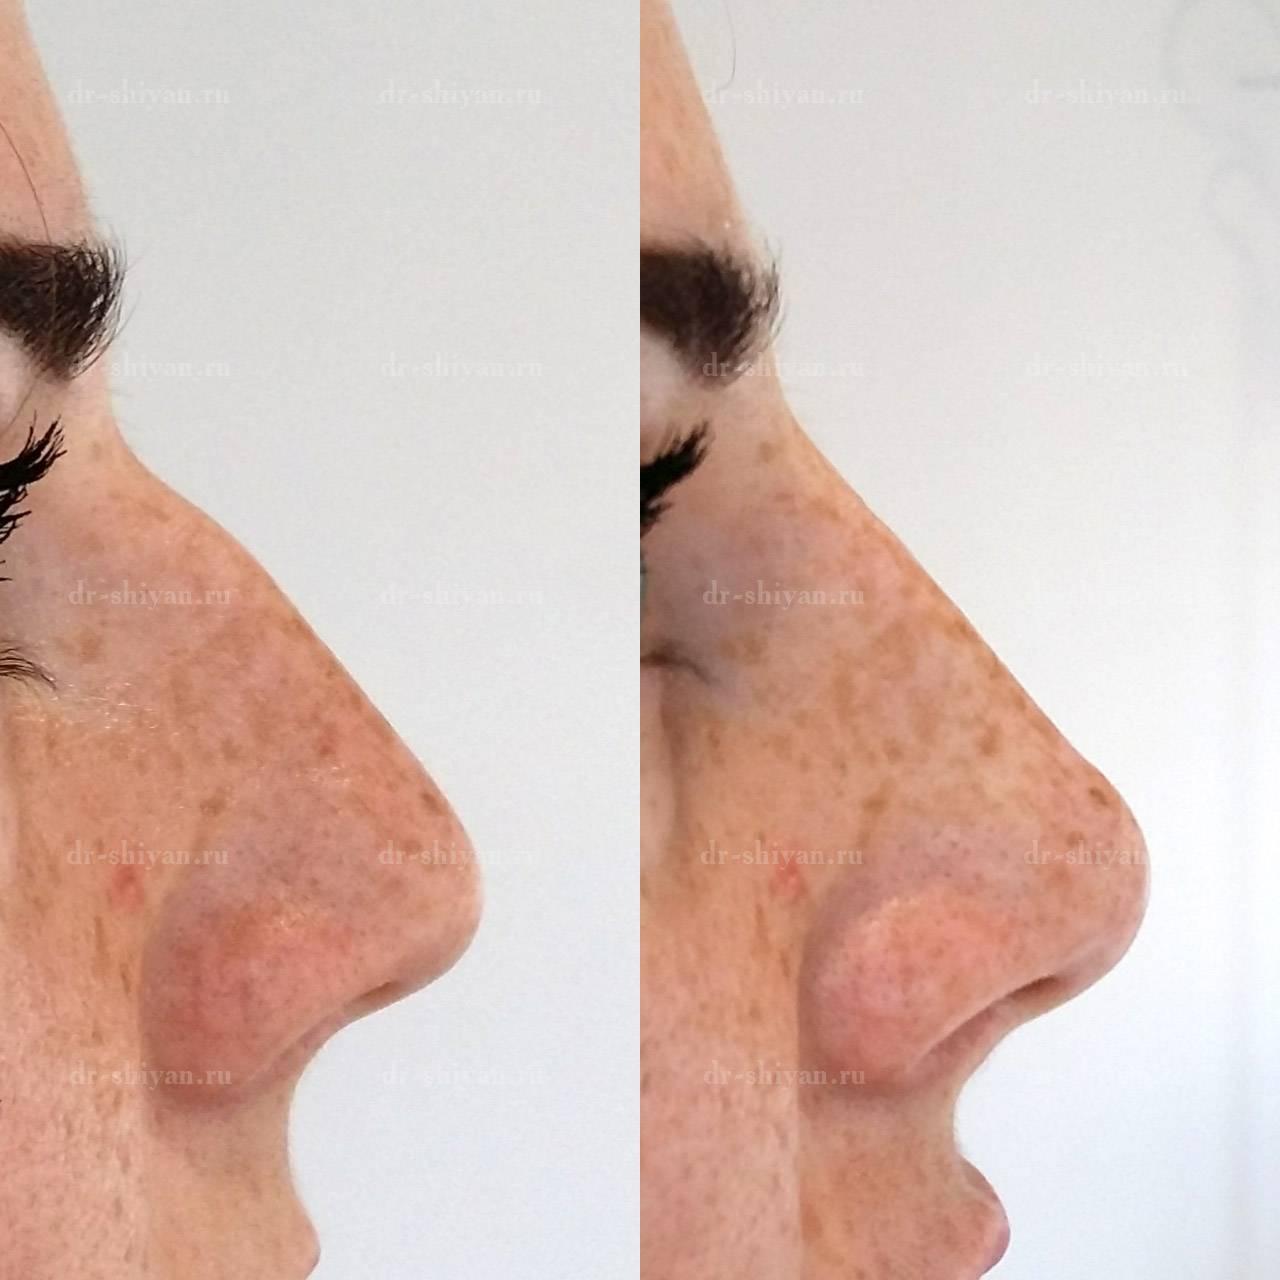 уменьшить нос без операции